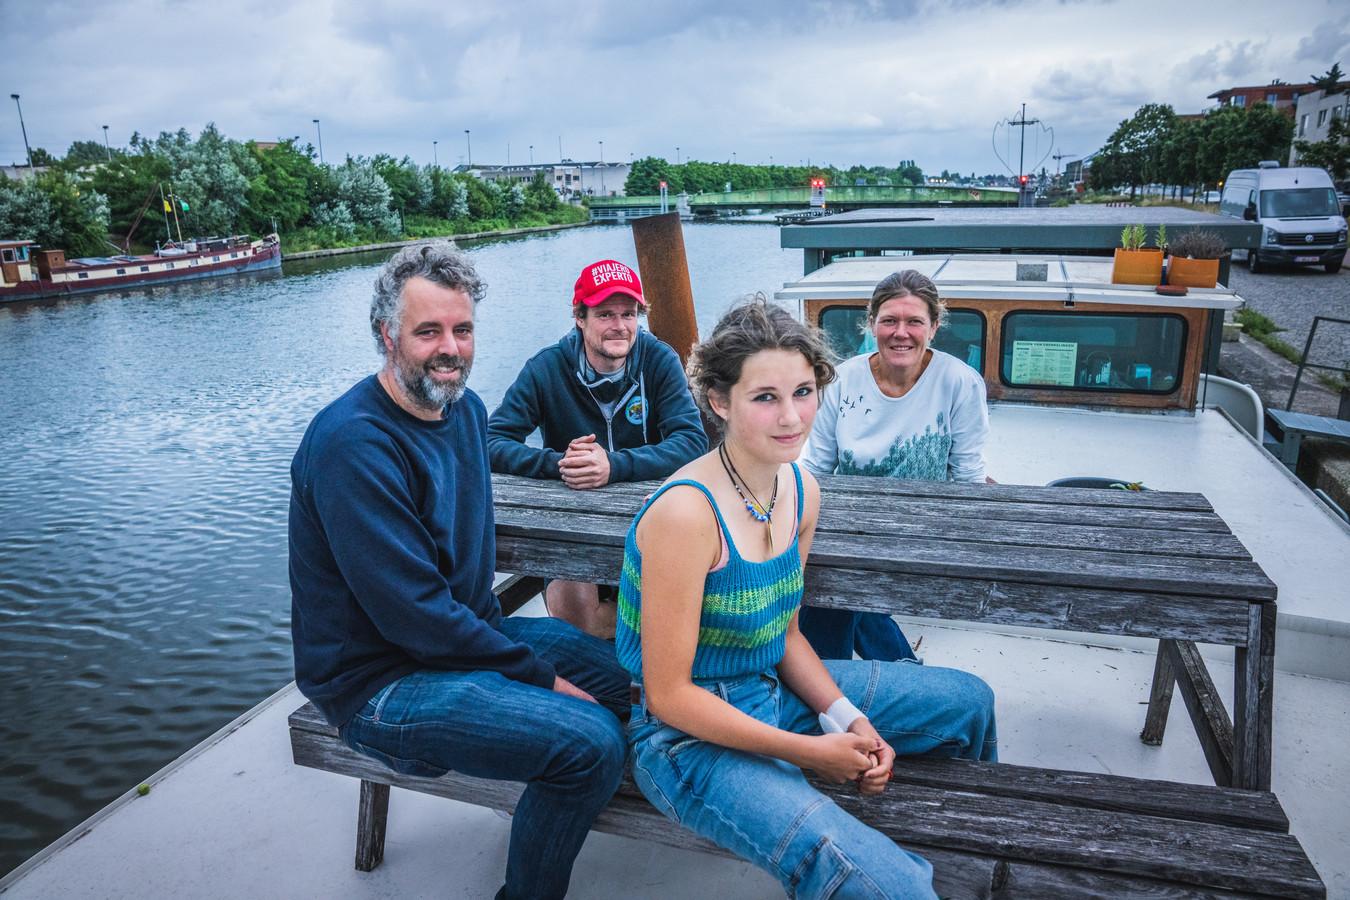 Lieven, Stephan, Isabelle en Liere delen een woonboot aan de Muide.